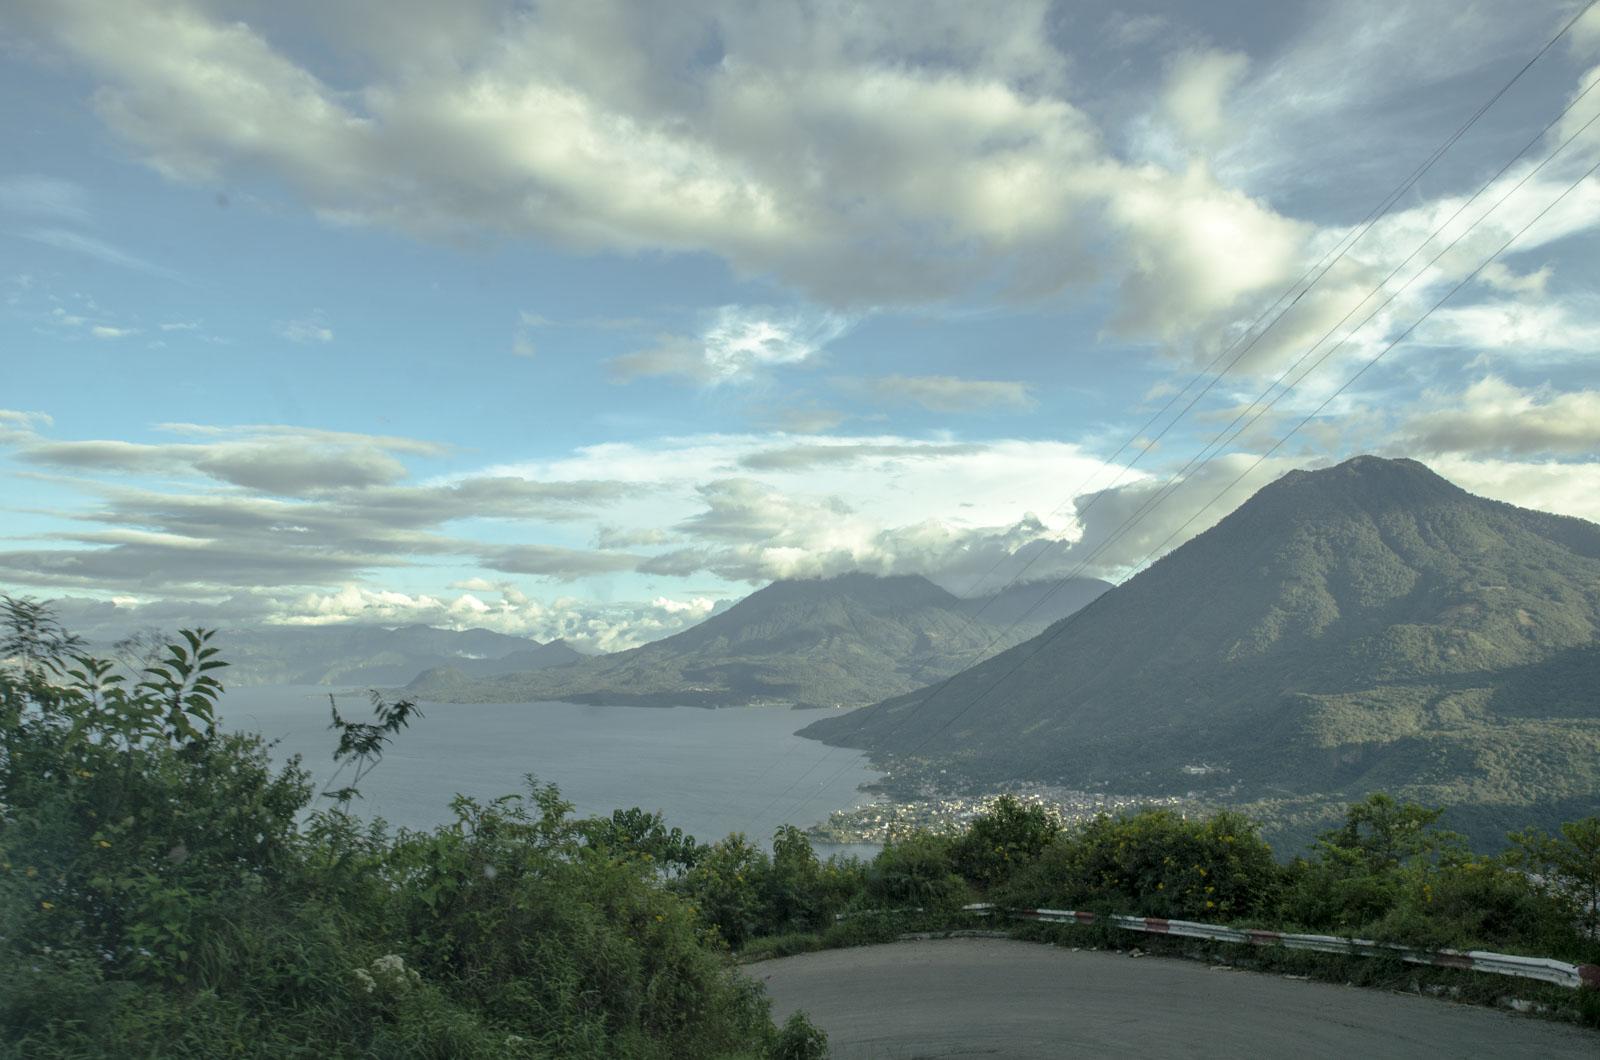 First view of Lake Atitlan